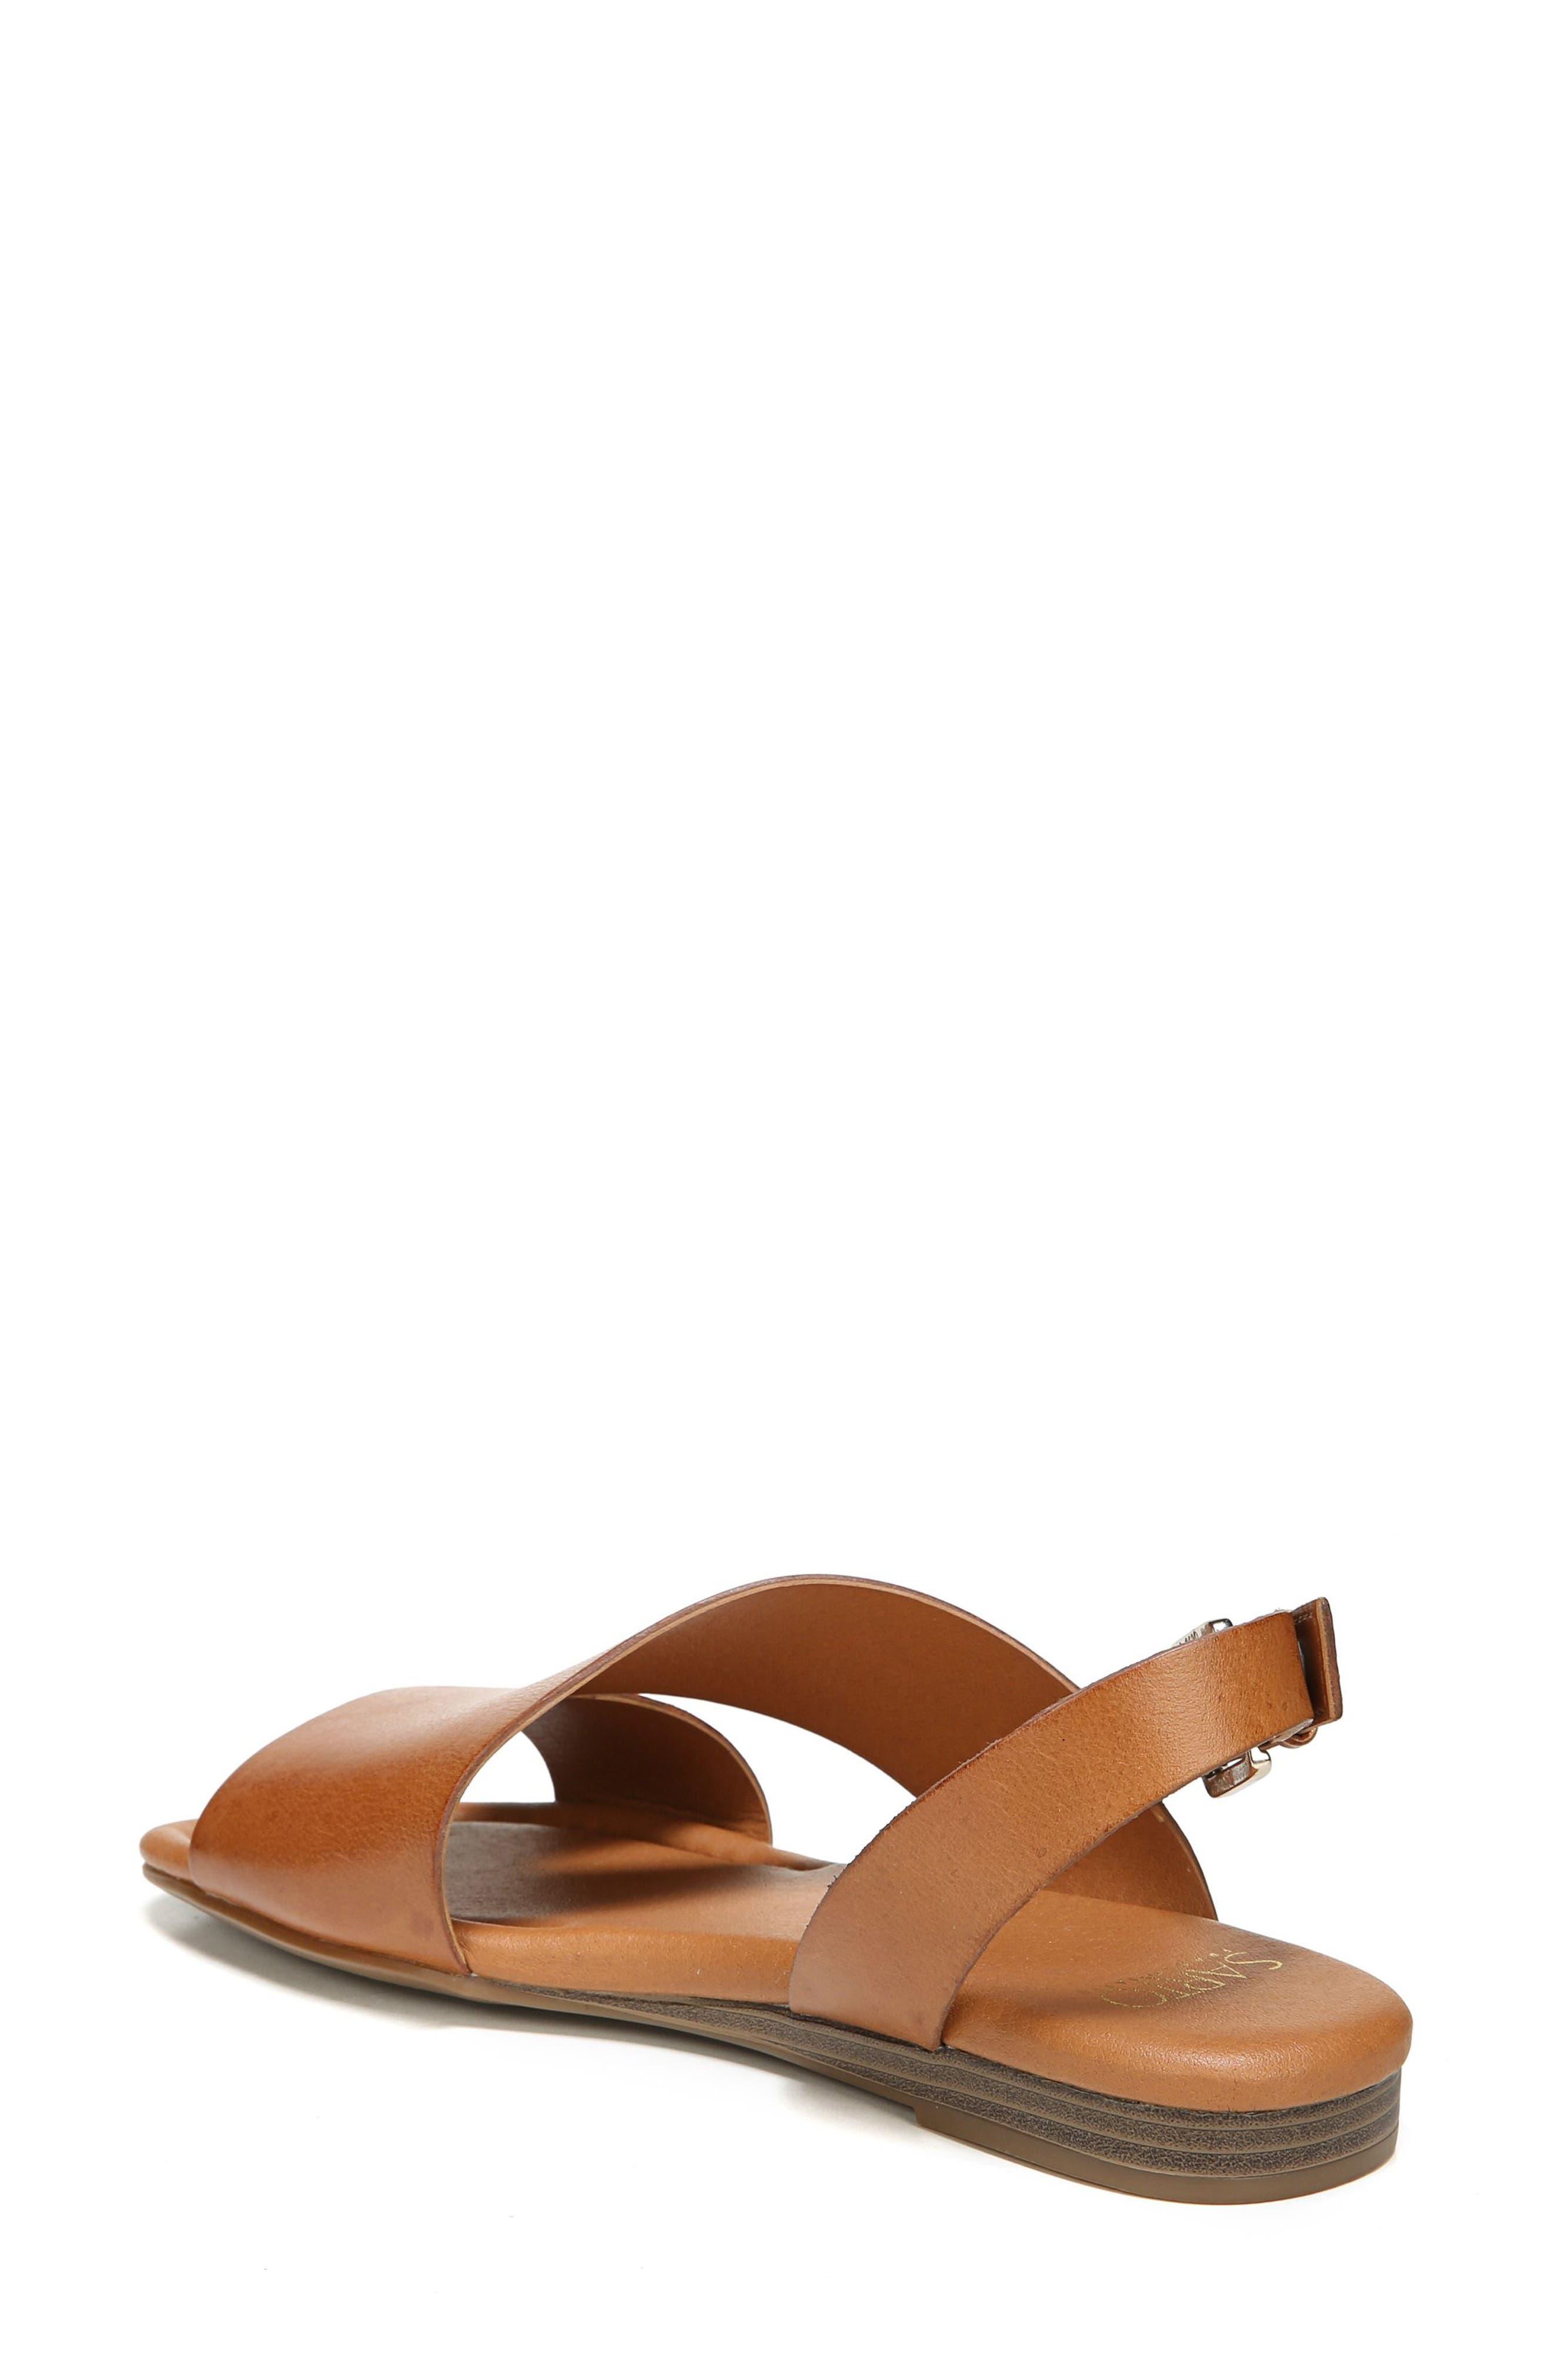 Garza Slingback Sandal,                             Alternate thumbnail 2, color,                             Tan Leather